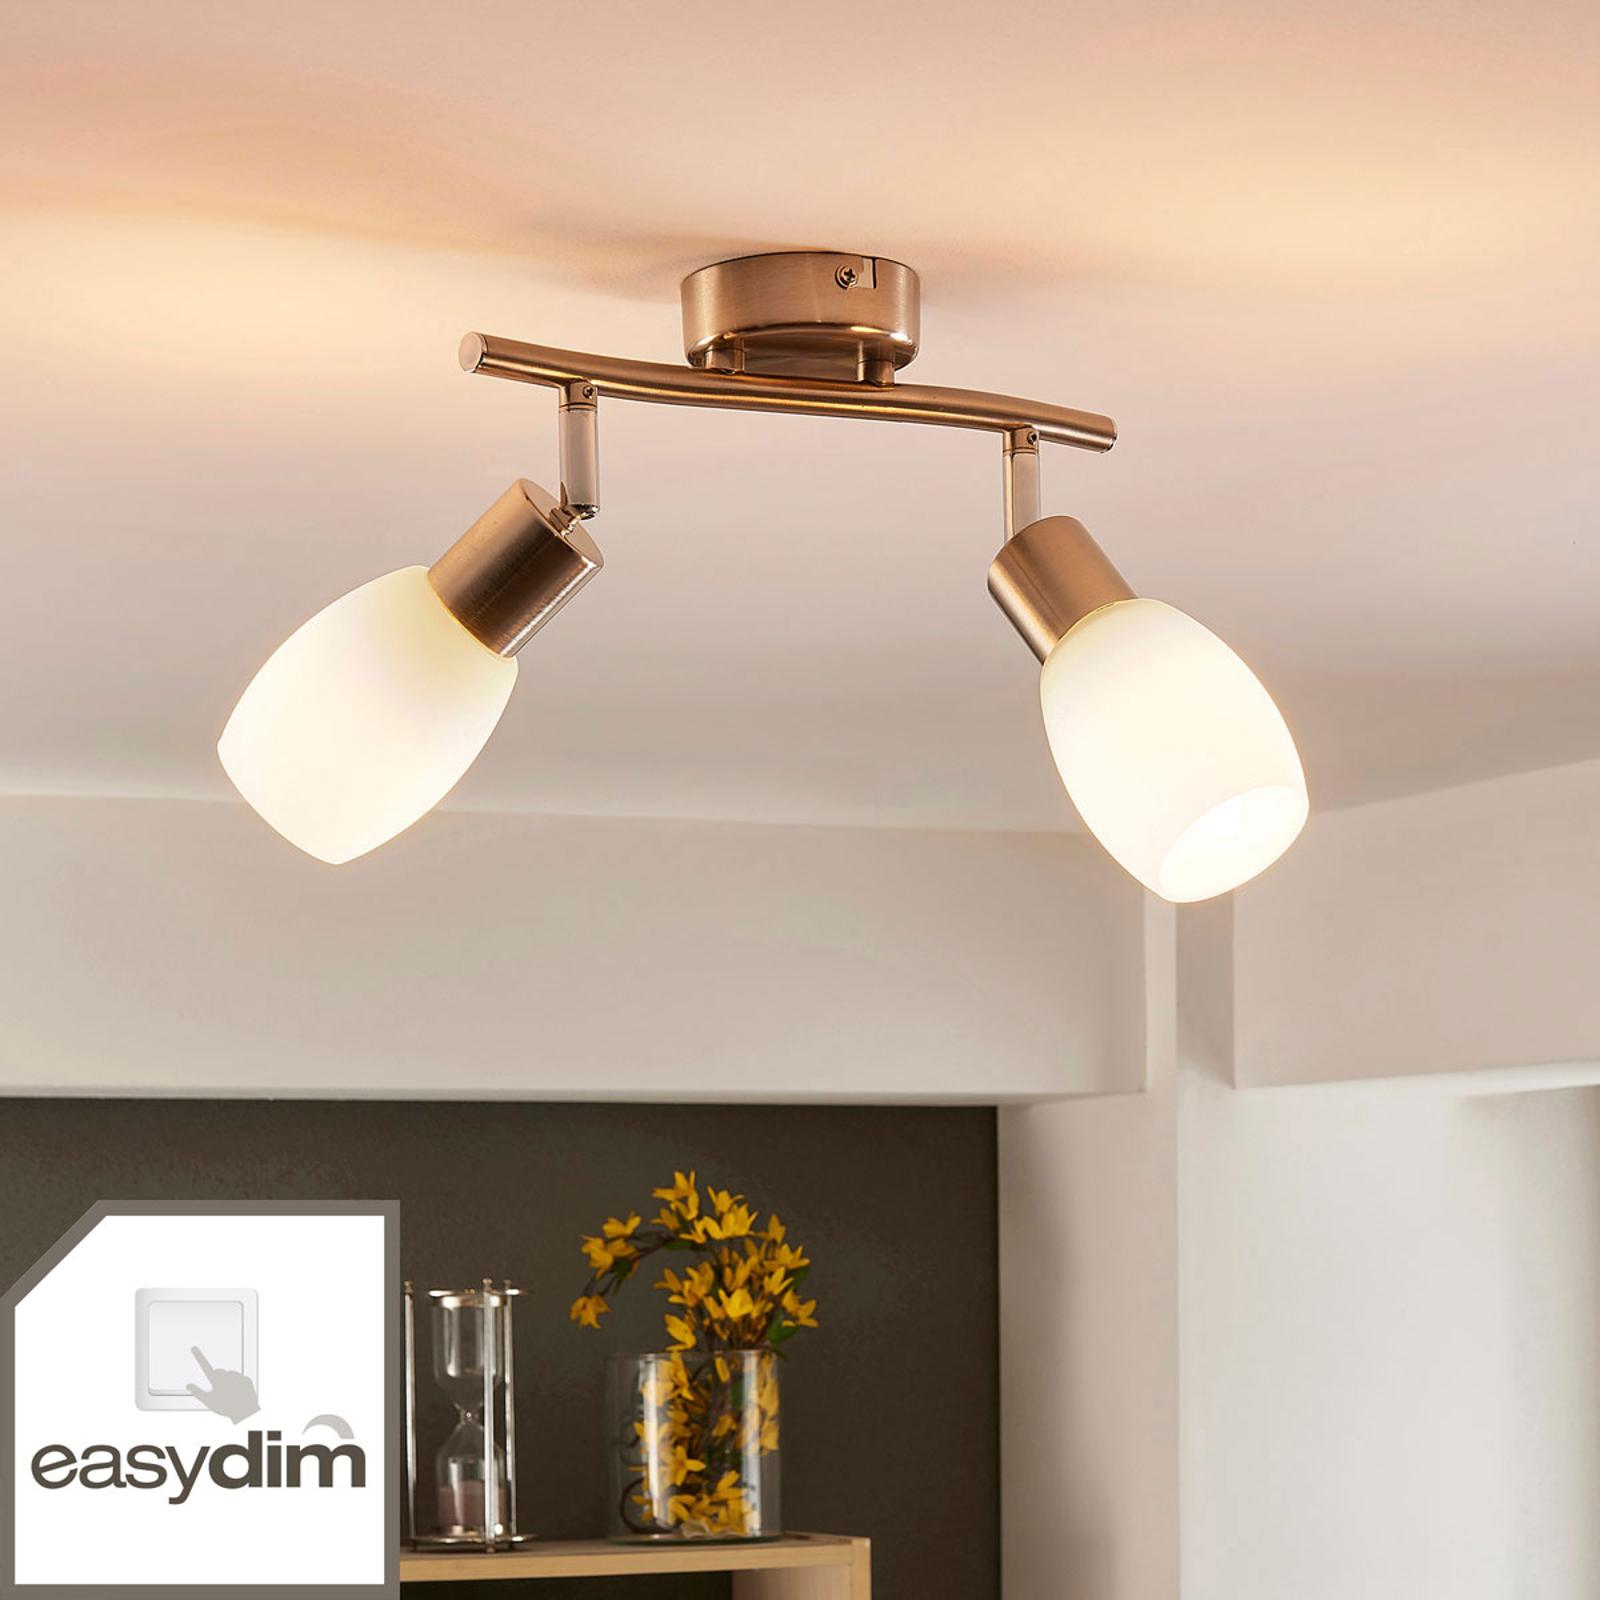 Arda - LED-spot til vegg eller tak, easydim